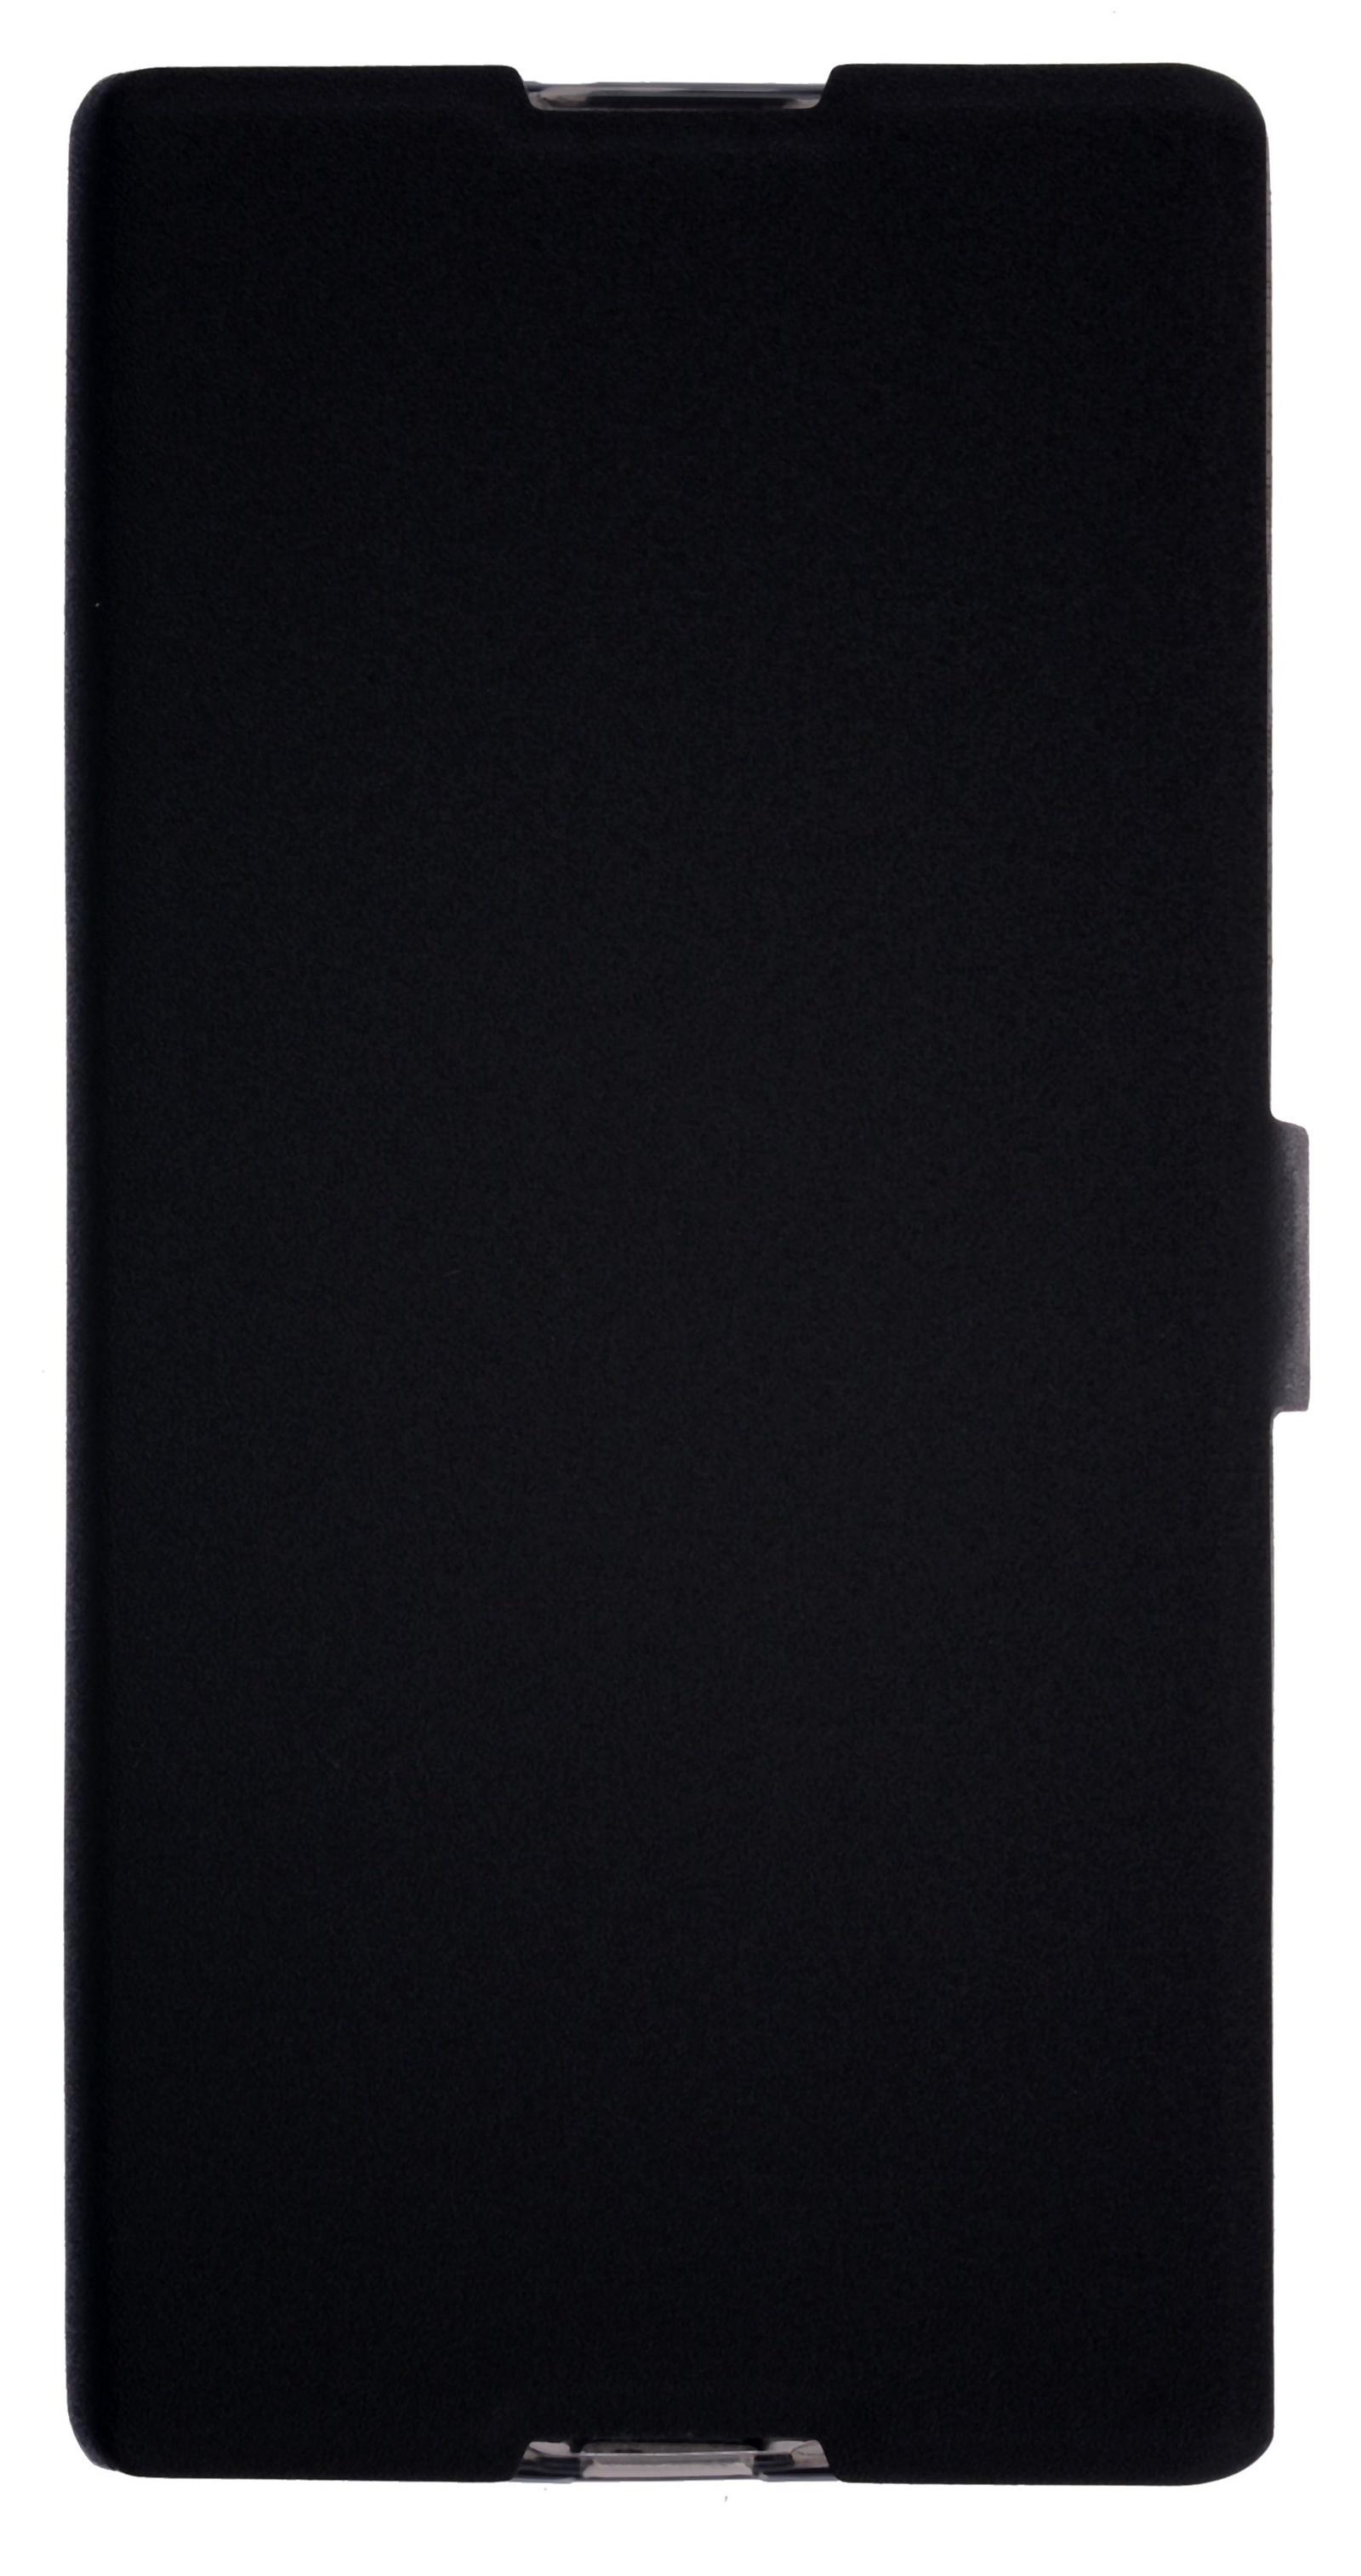 Чехол для сотового телефона PRIME Book, 4630042525269, черный недорого